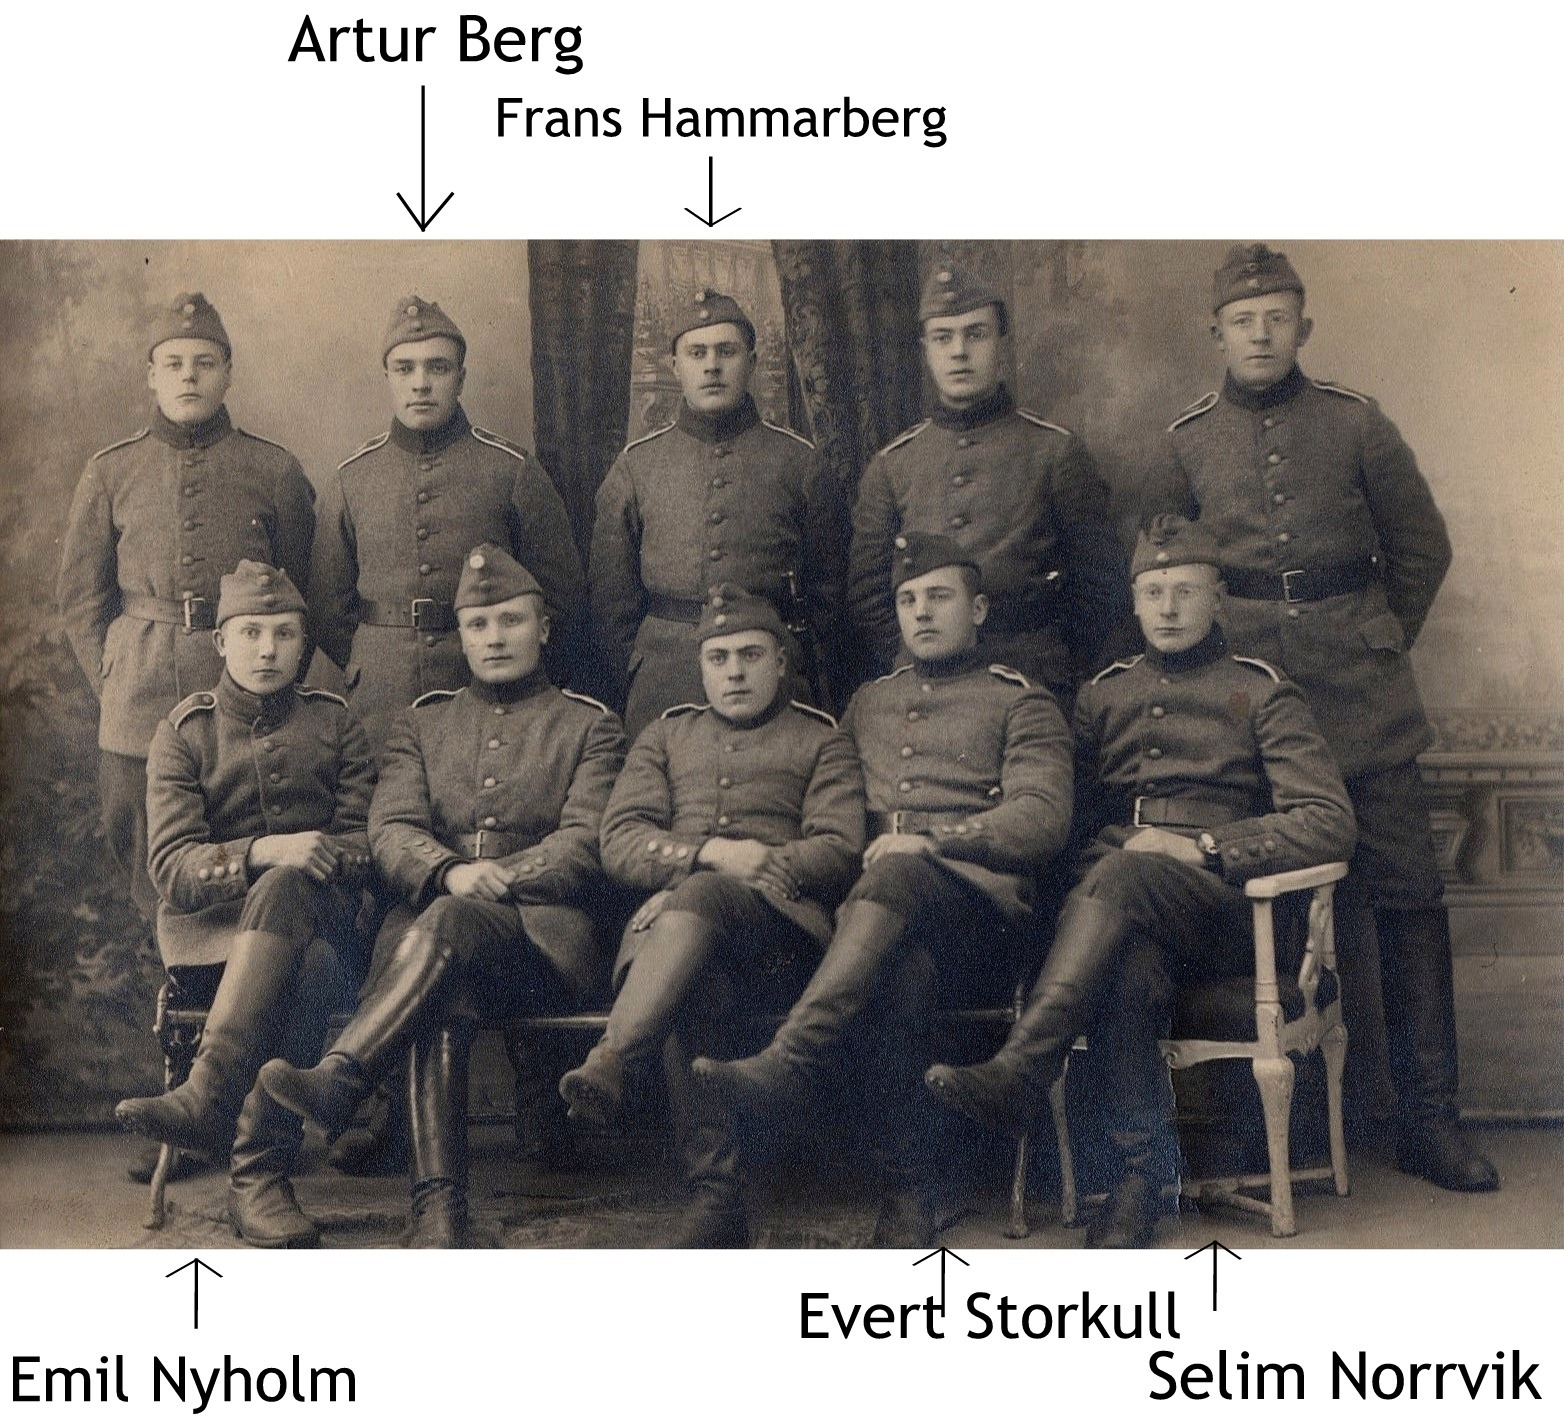 Efter en lång paus på flera år infördes allmän värnplikt i det självständiga Finland år 1918. De här herrarna var nog bland de första som ryckte in.